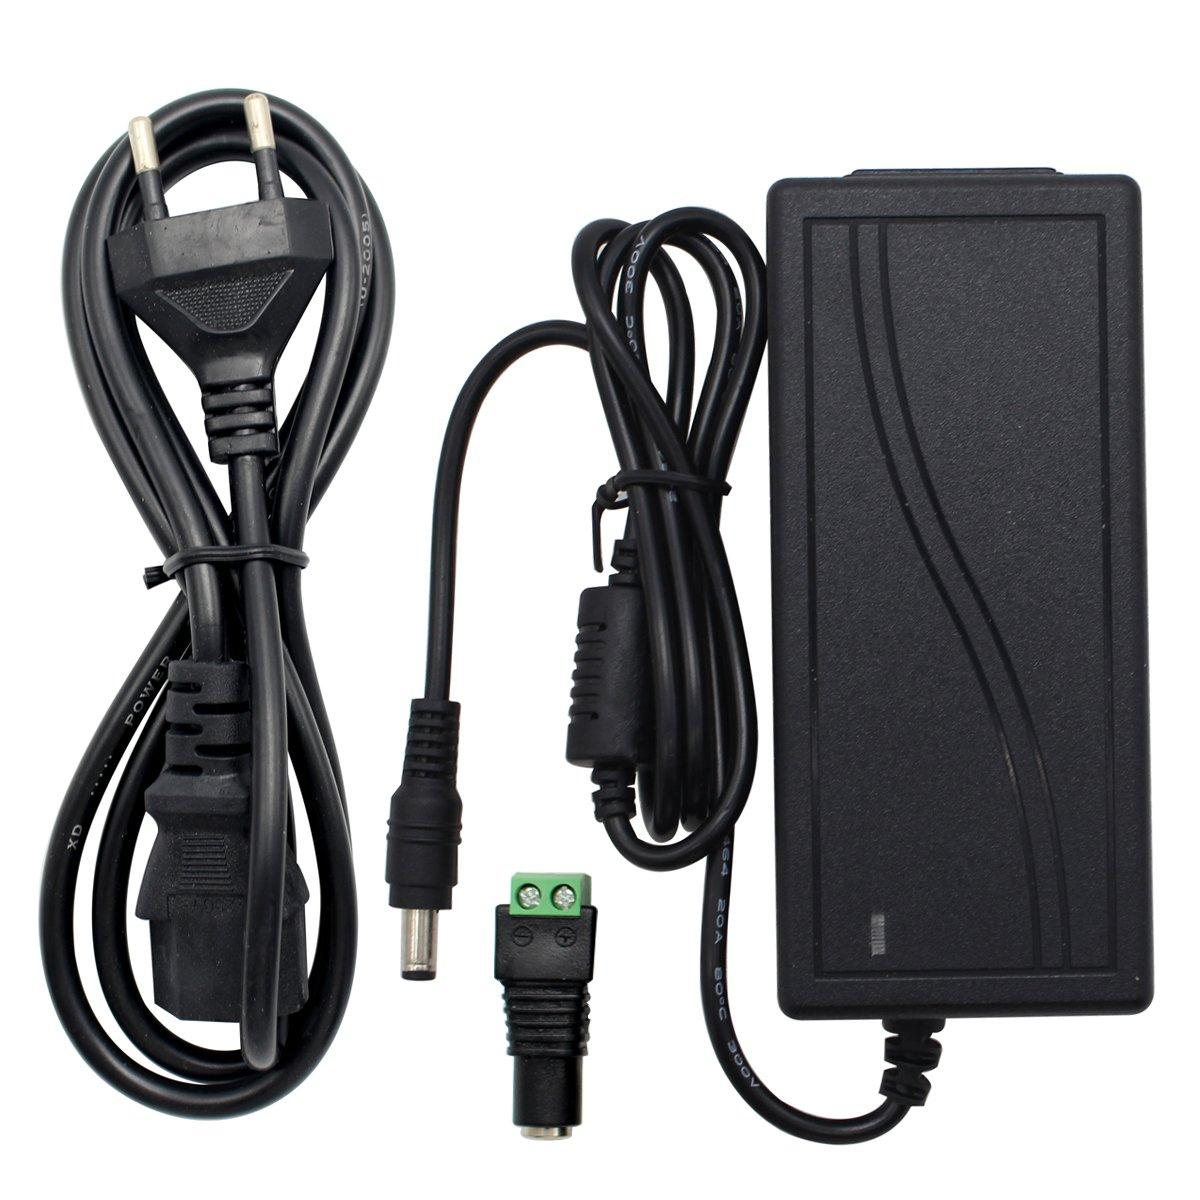 MBO Alimentation adaptateur, Transformateurs, Prise EU, Alimentation Electrique pour Bande Lumineuse LED, 12V DC, Tension d'entrée 85-265V AC (12V 6A)